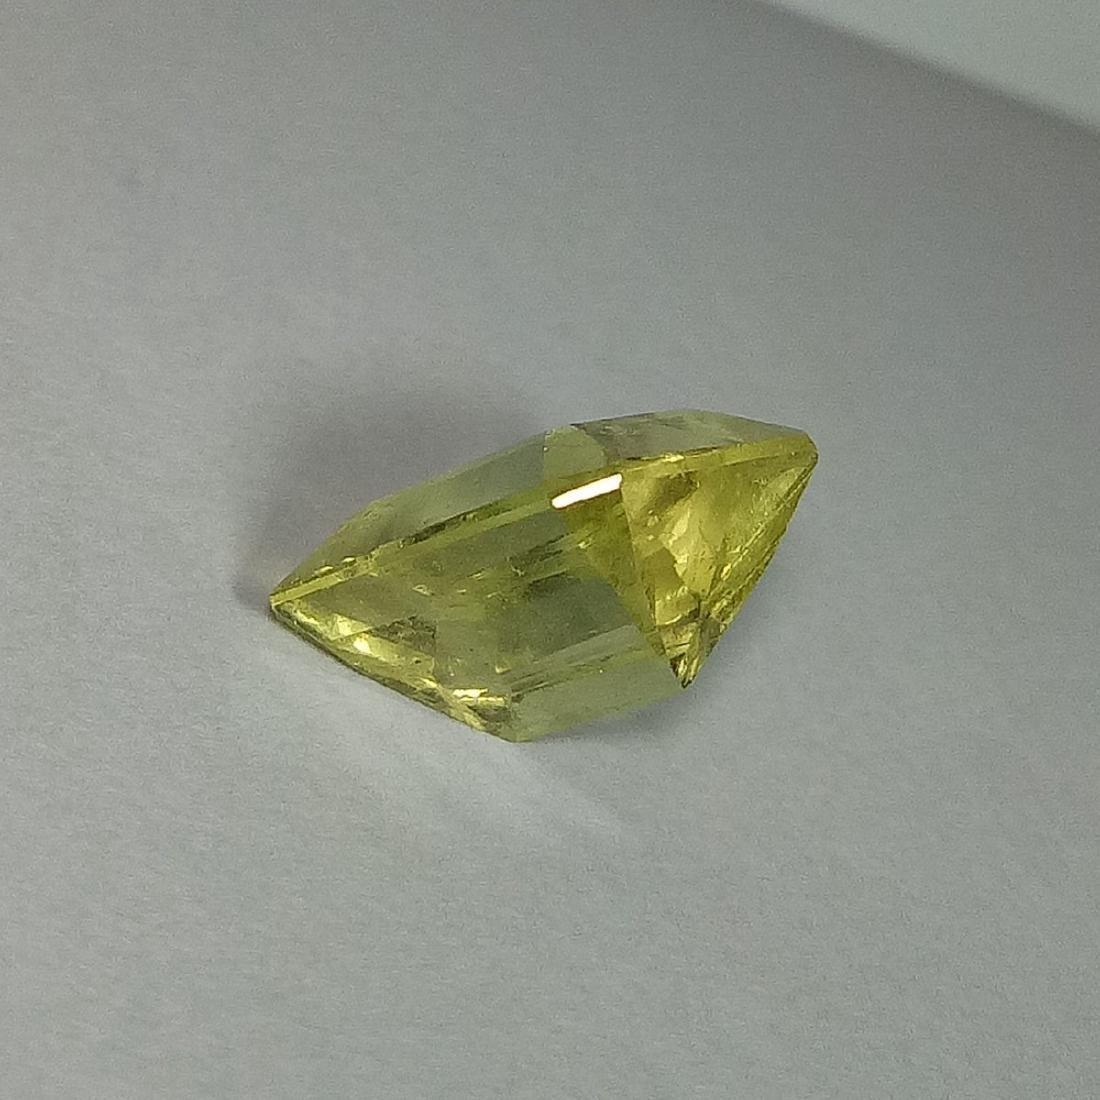 5.87 Carat Loose Yellow Beryl - 4